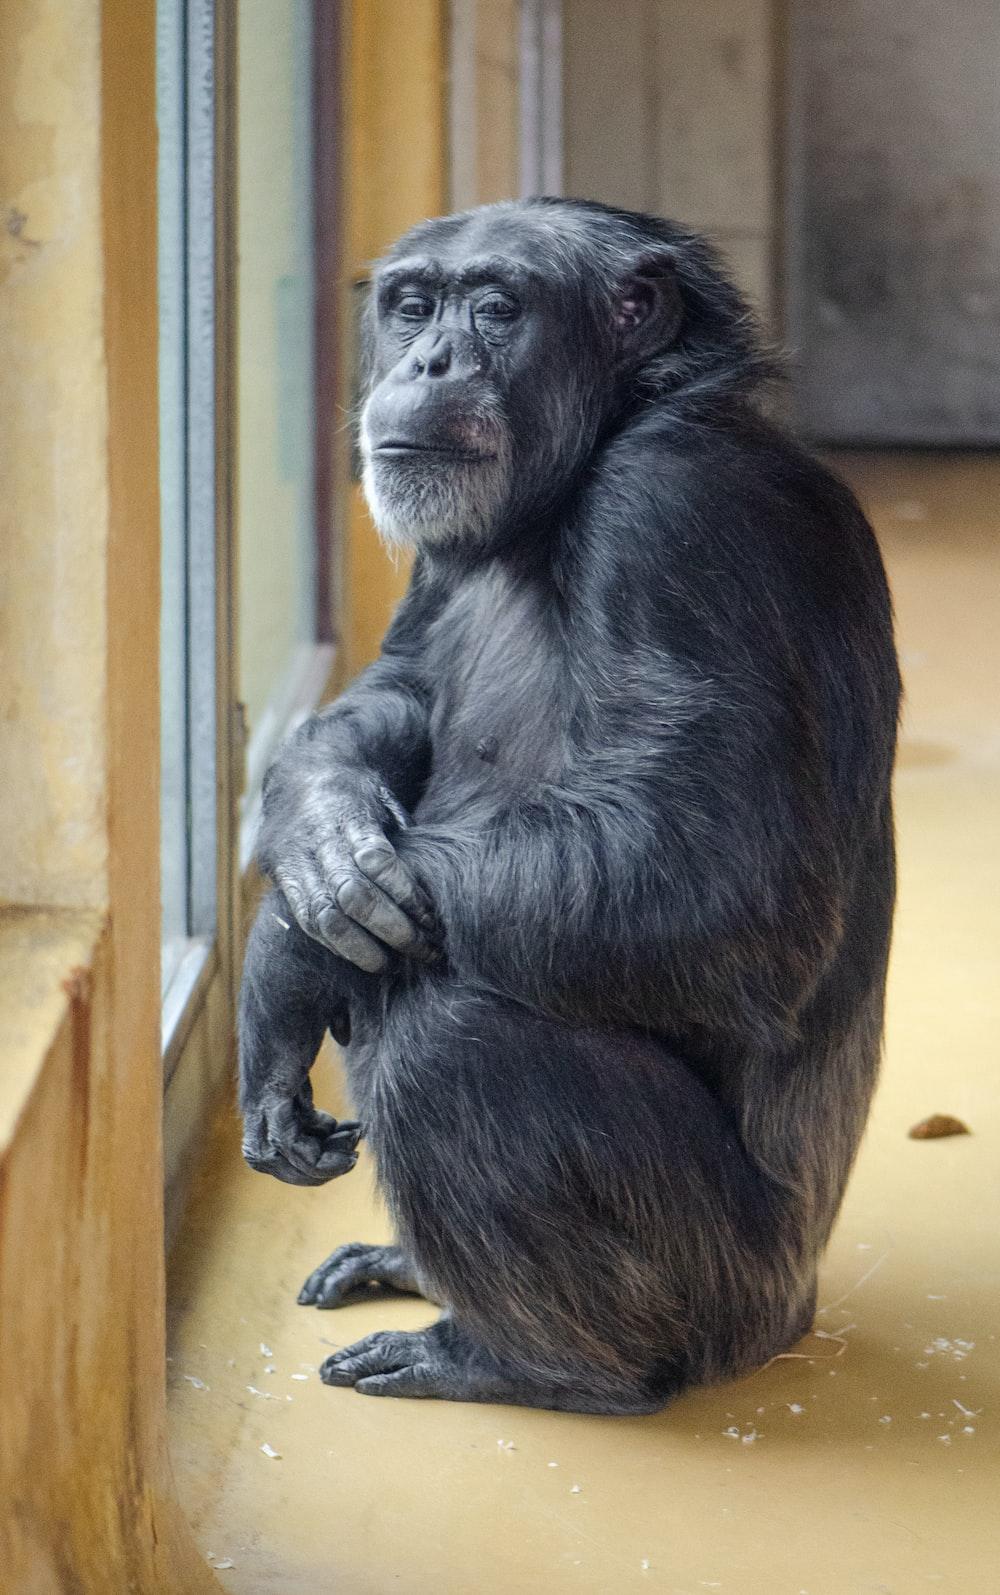 gorilla inside room